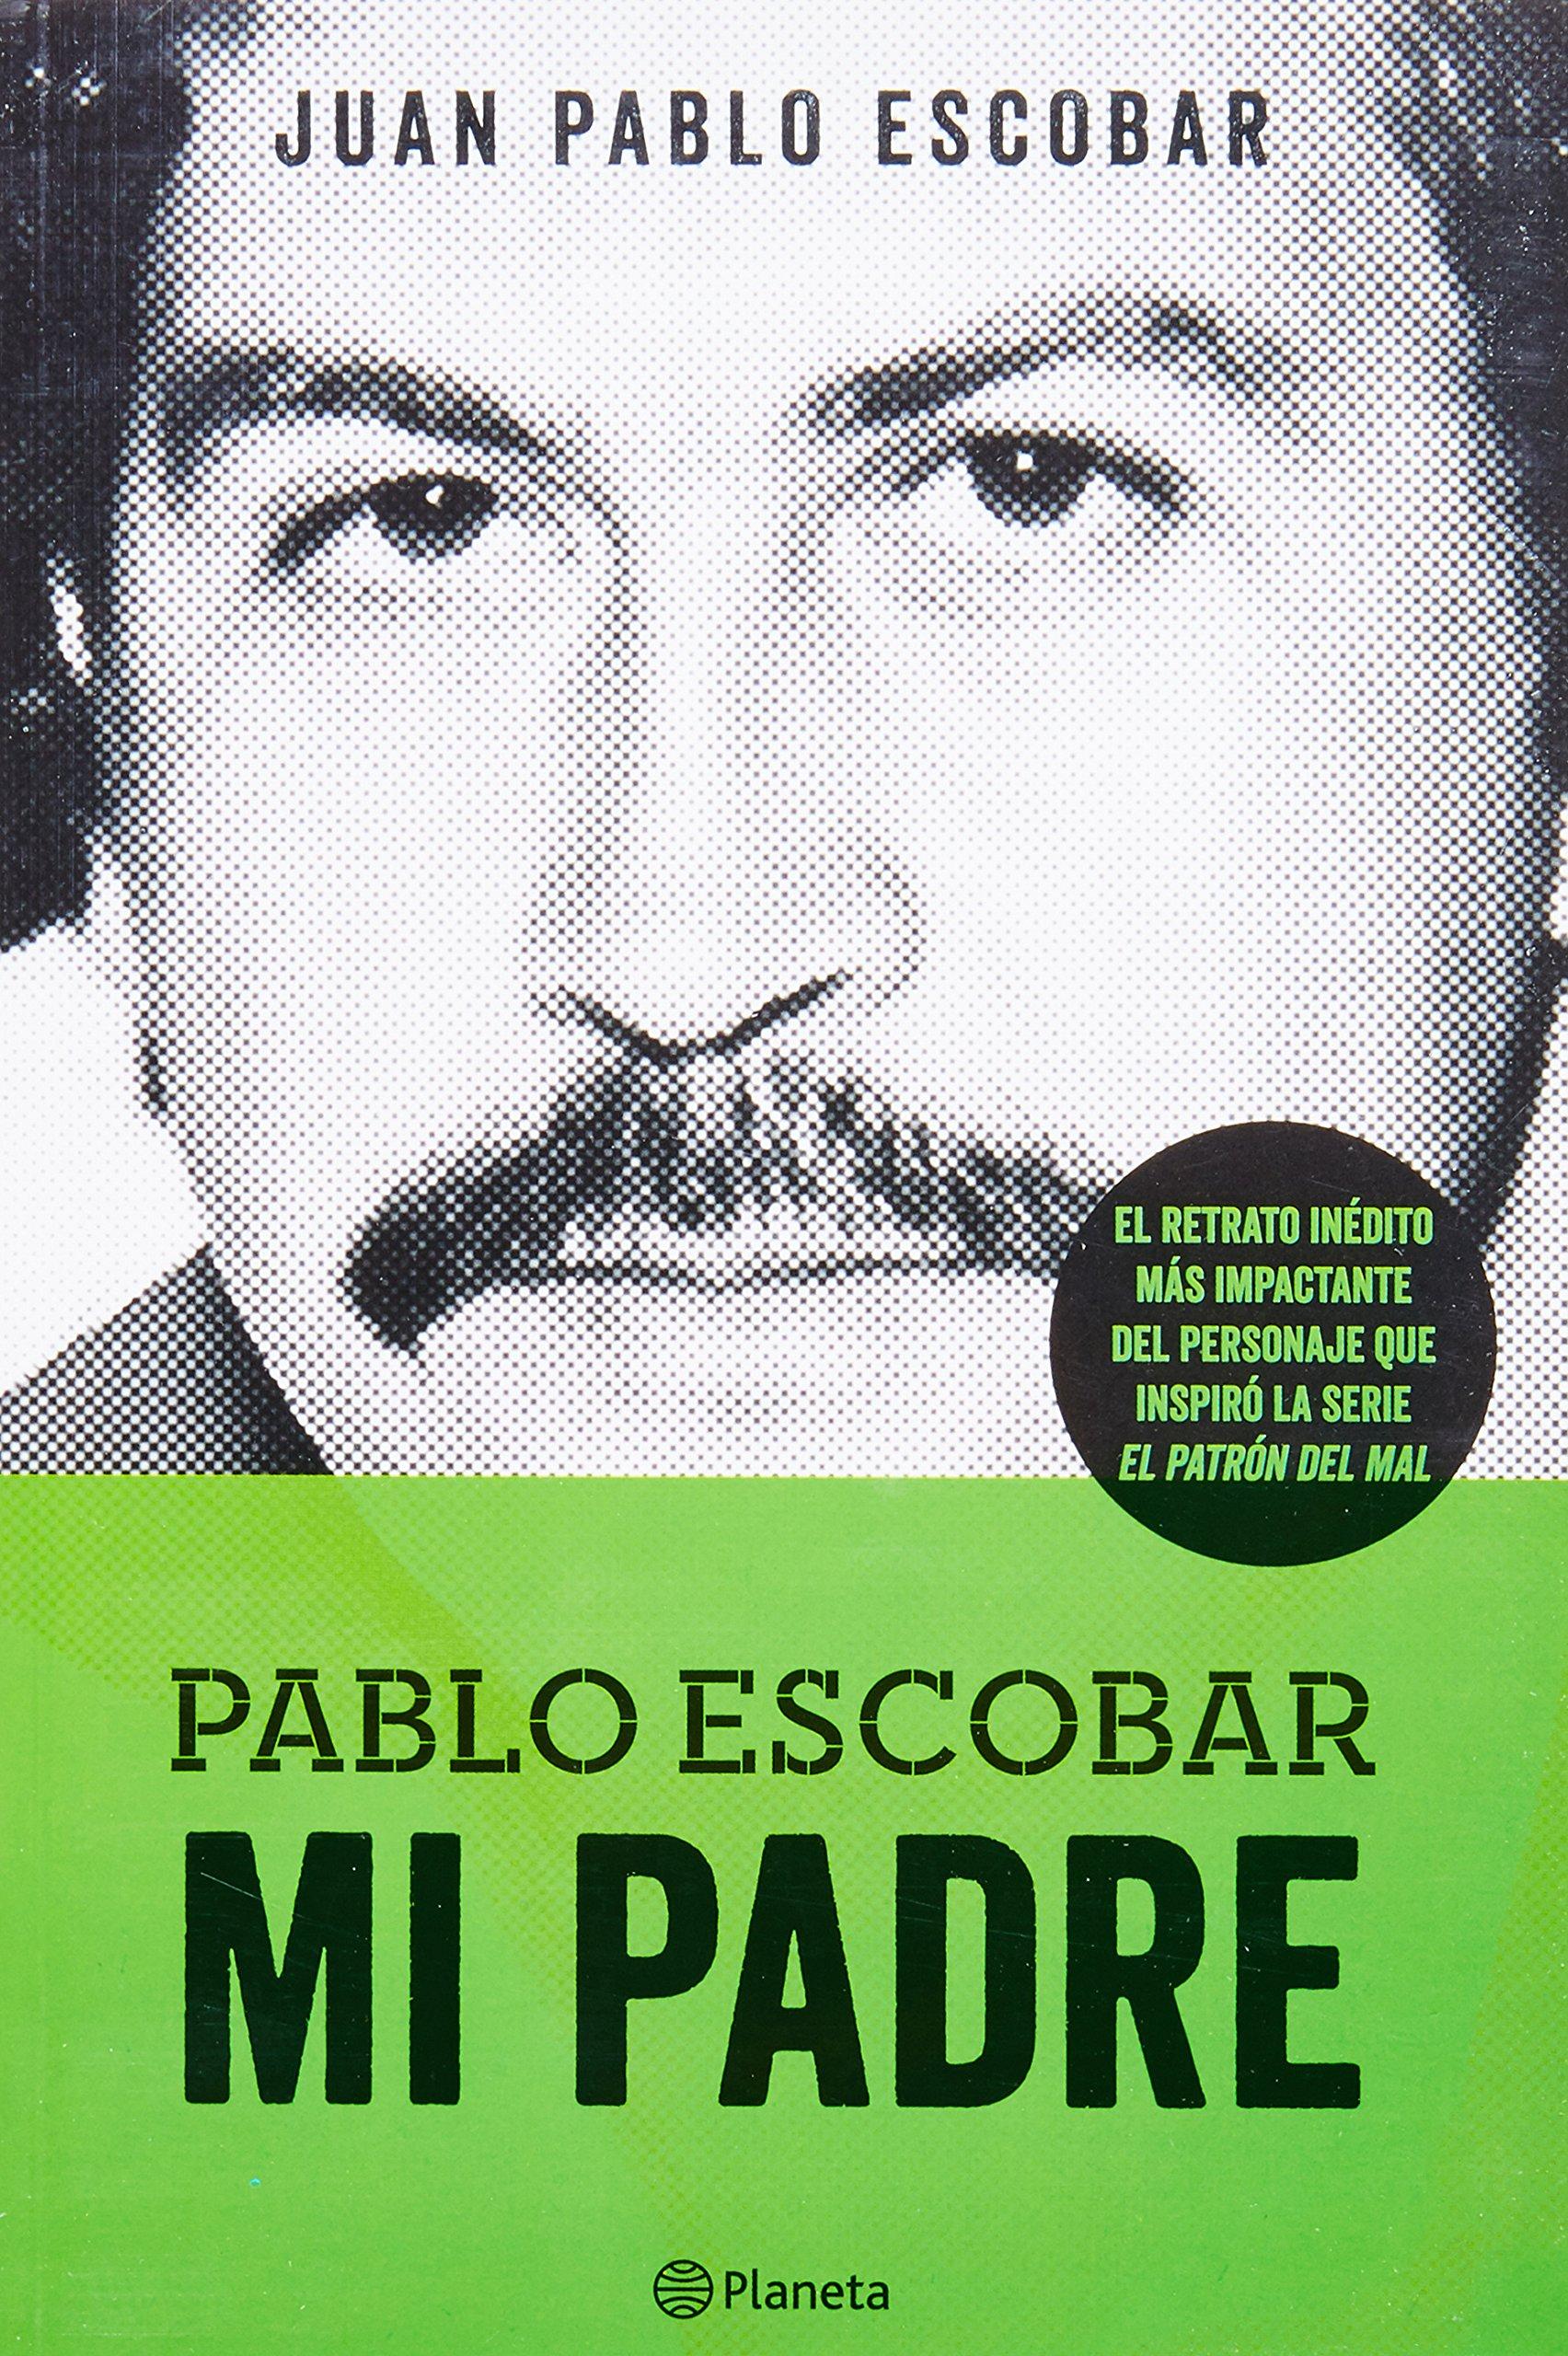 Pablo Escobar Mi Padre Las Historias Que No Deberiamos Saber Spanish Edition Escobar Juan Pablo 9786070724961 Books